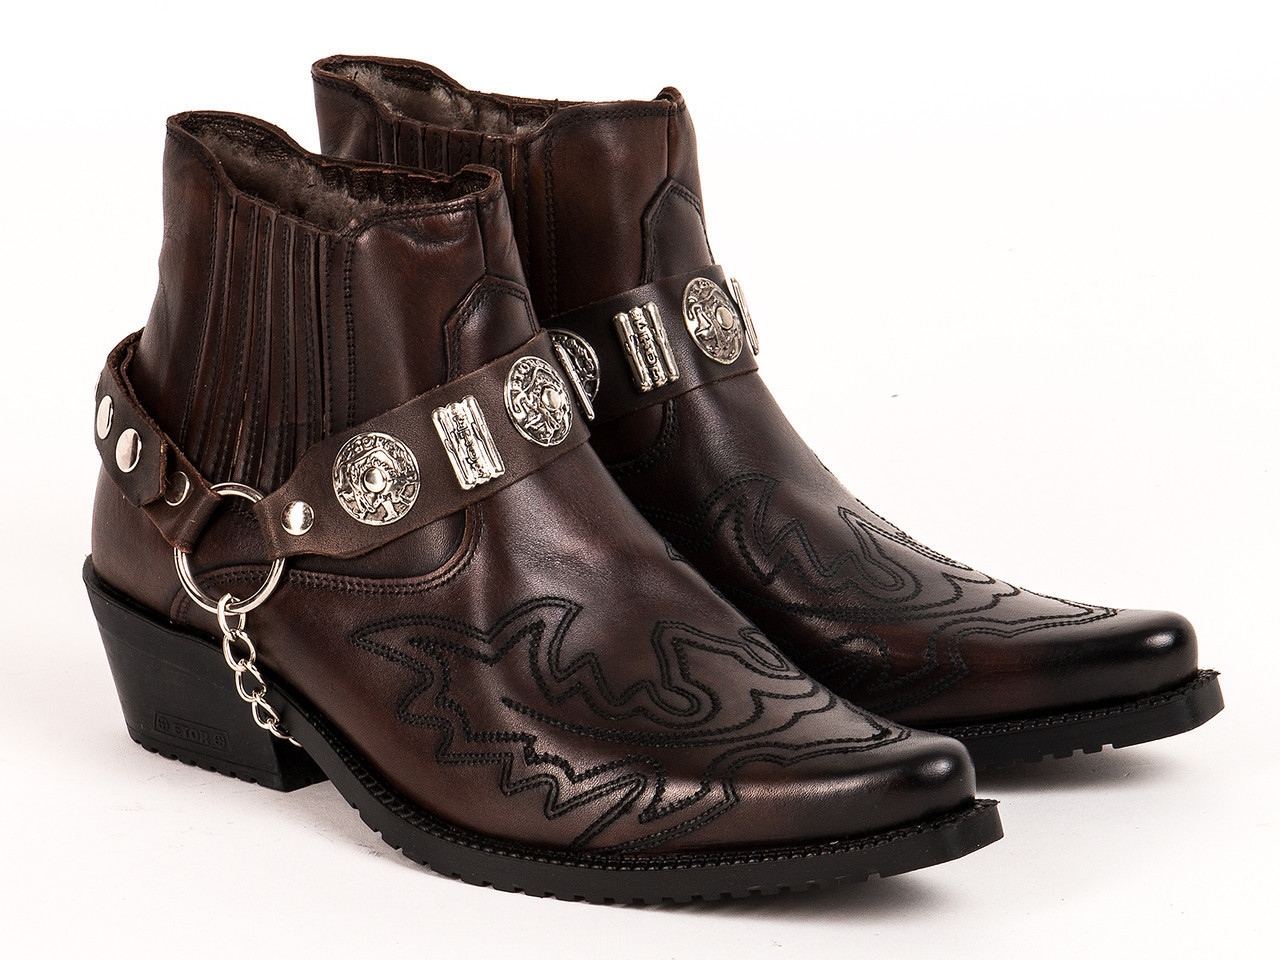 Казаки Etor 11632-1013-4900 43 коричневые